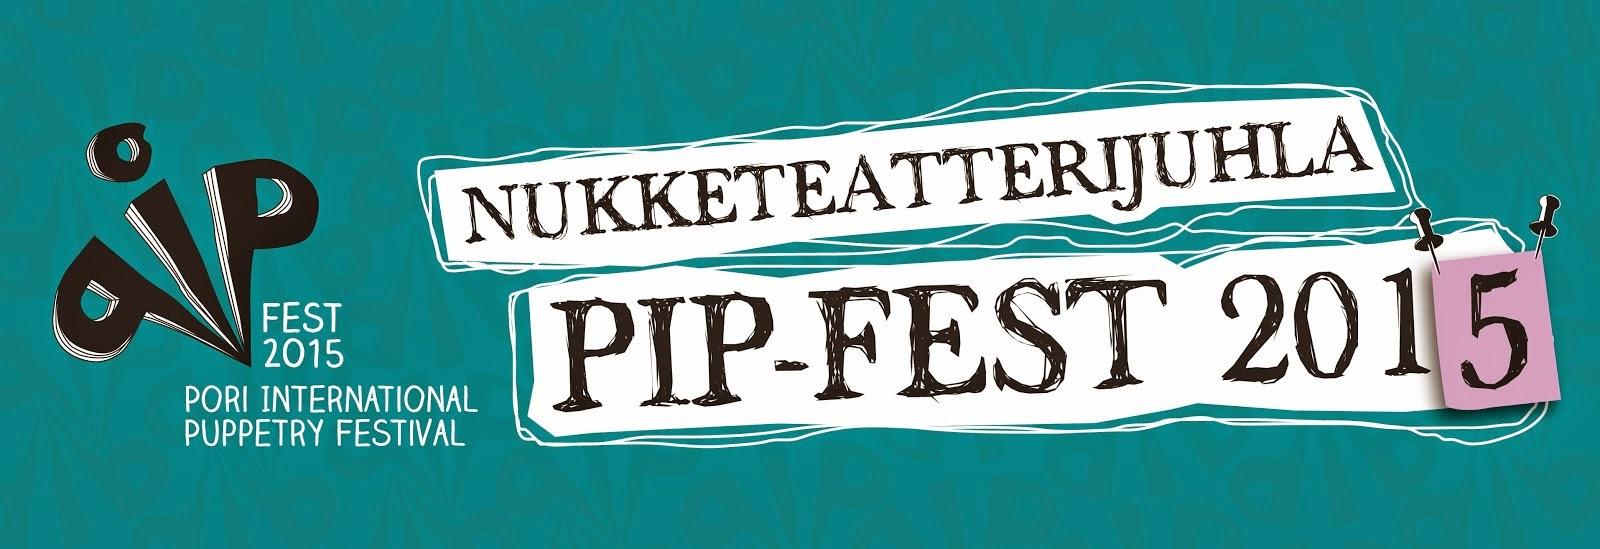 Nukketeatterijuhla PIP-Fest 2015